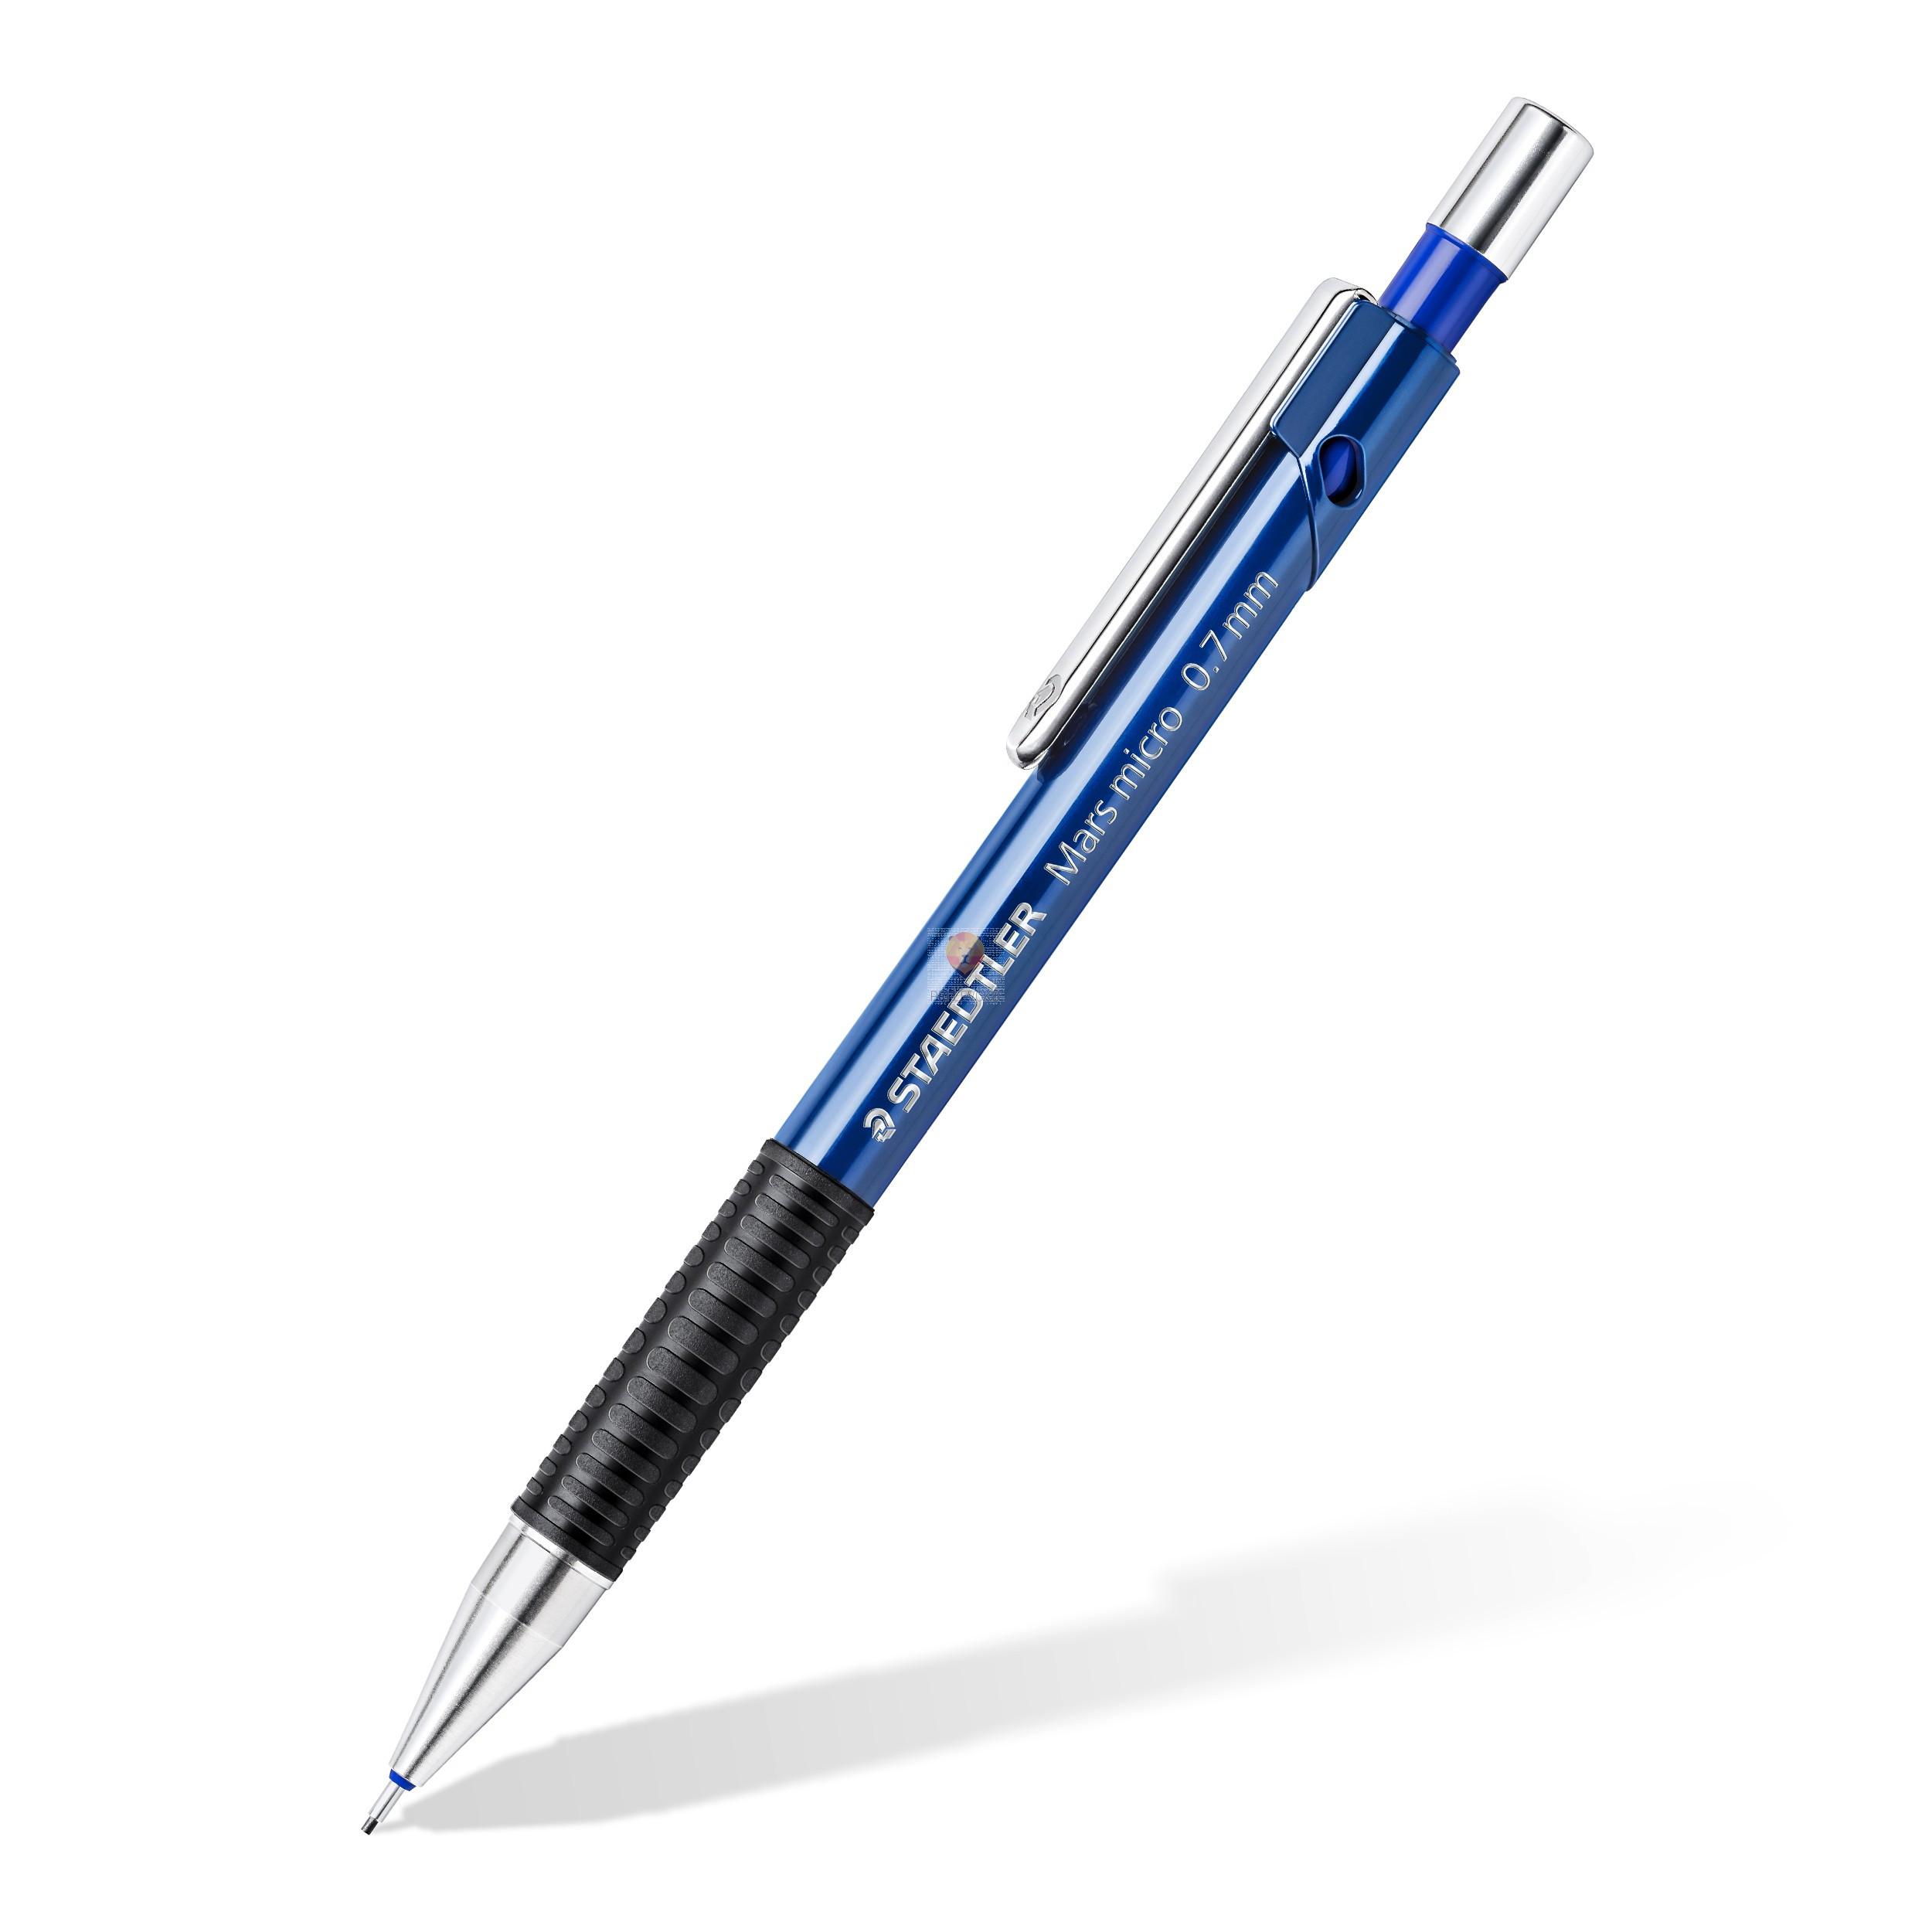 Tehnični svinčnik Mars Micro 0,7mm Staedtler